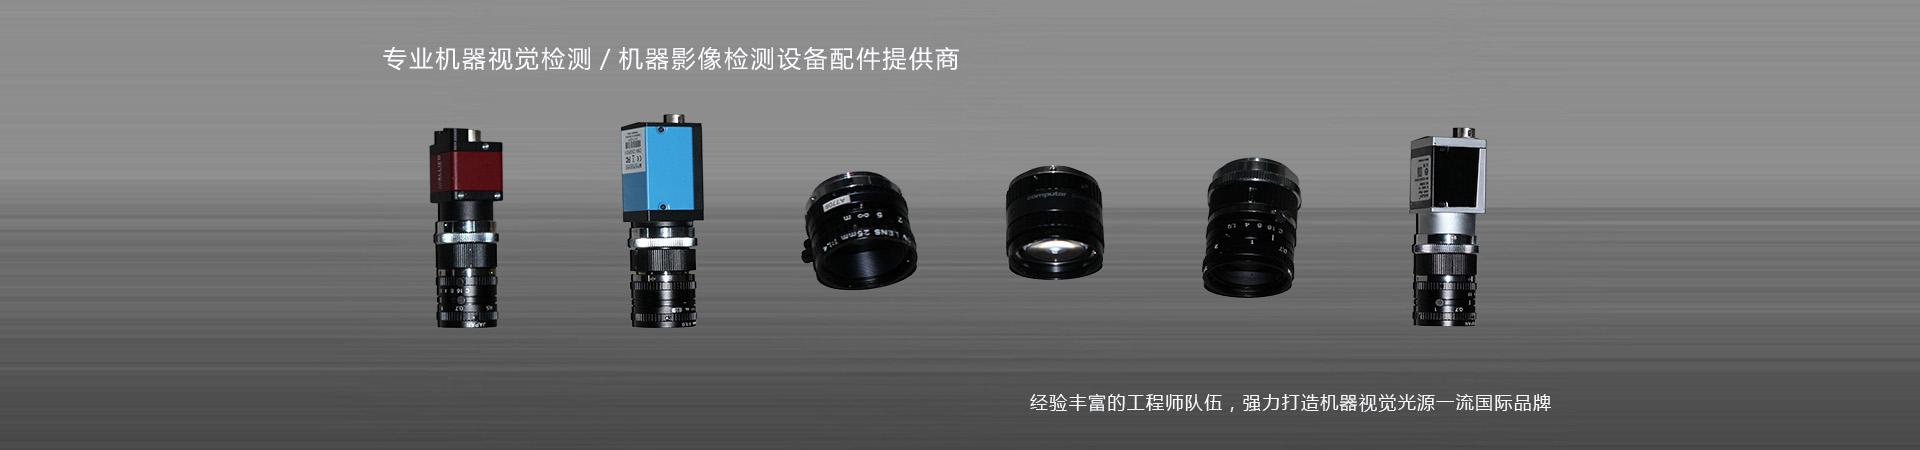 LED环型光源价格